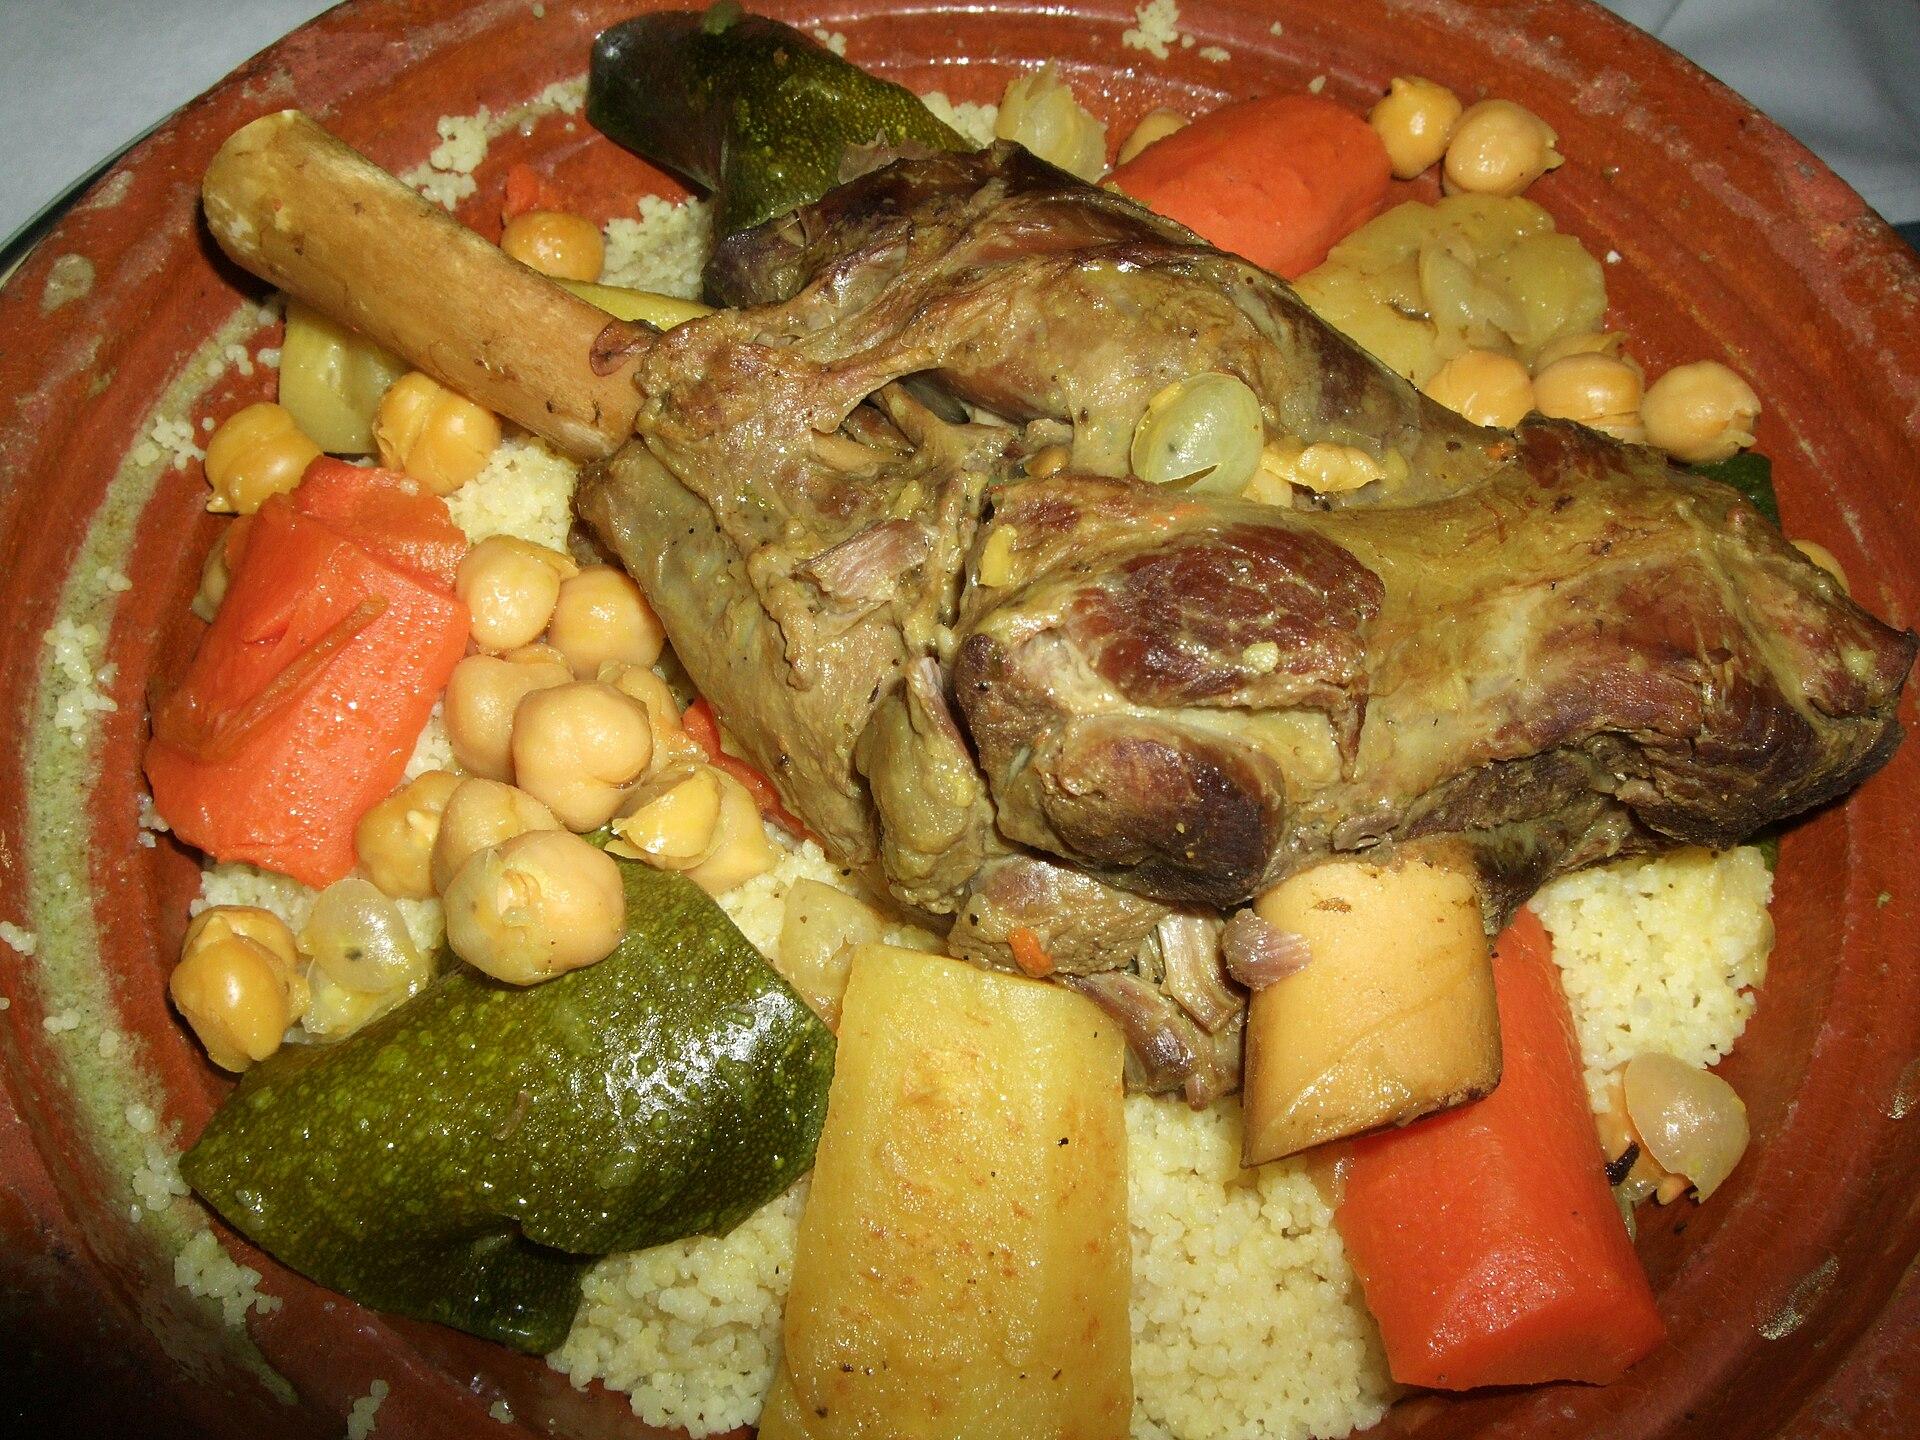 cuisine berb232re � wikip233dia